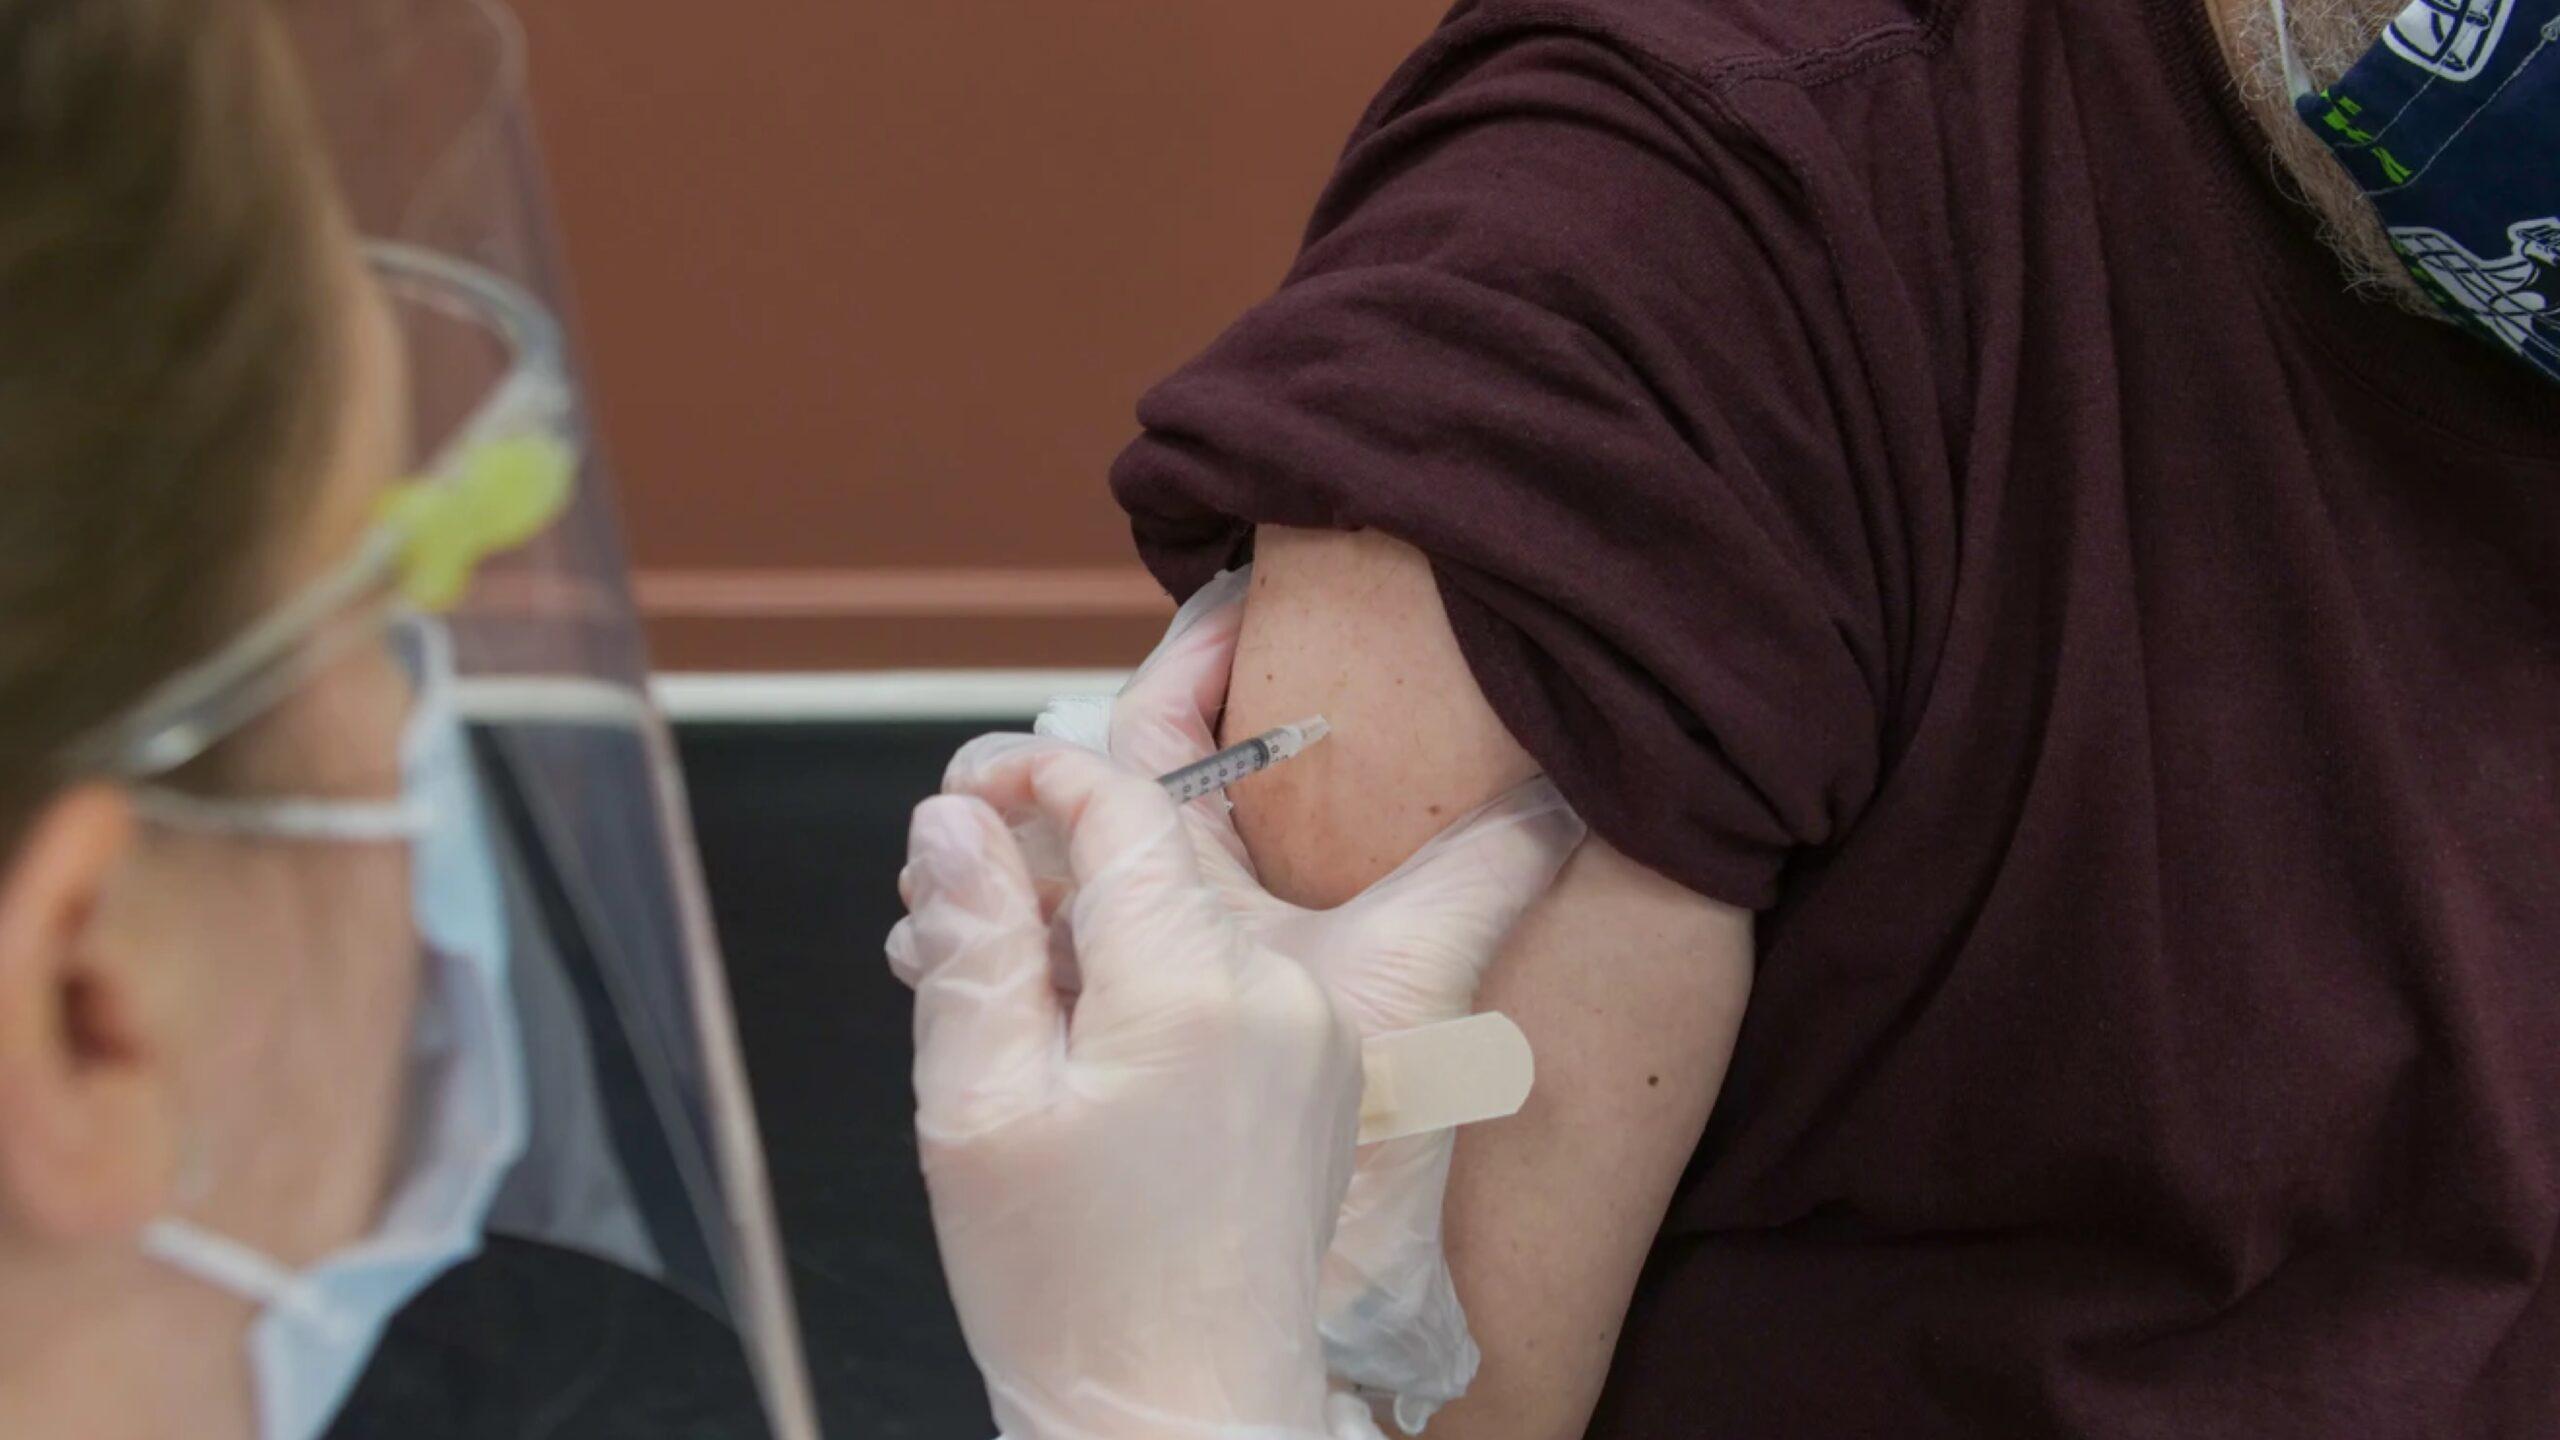 Vacuna COVID-19 adultos mayores